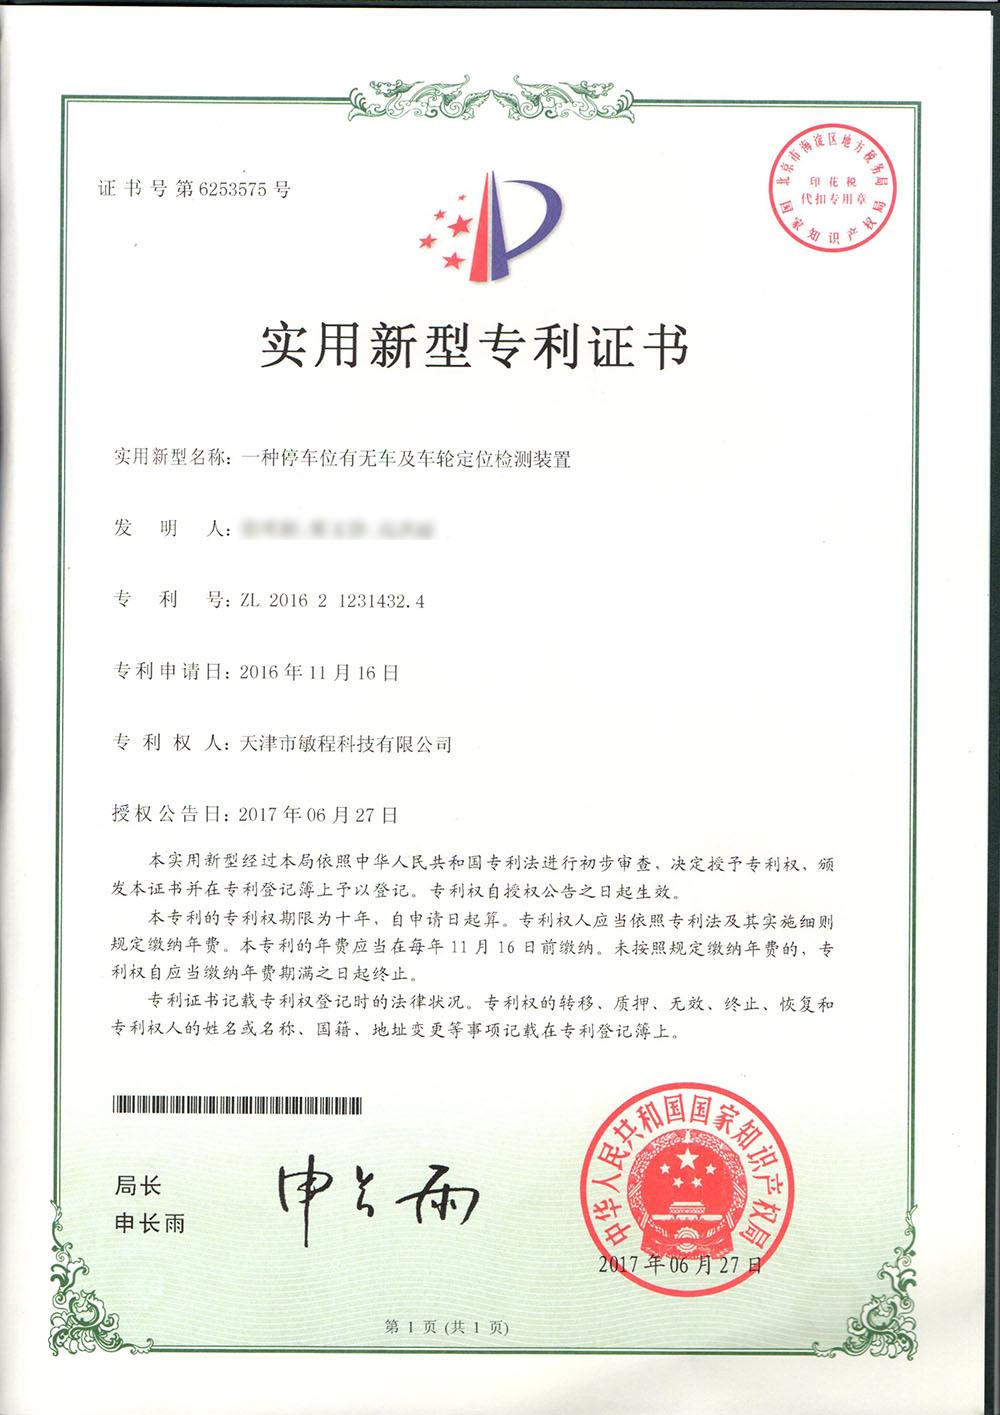 停车检车装置专利证书002